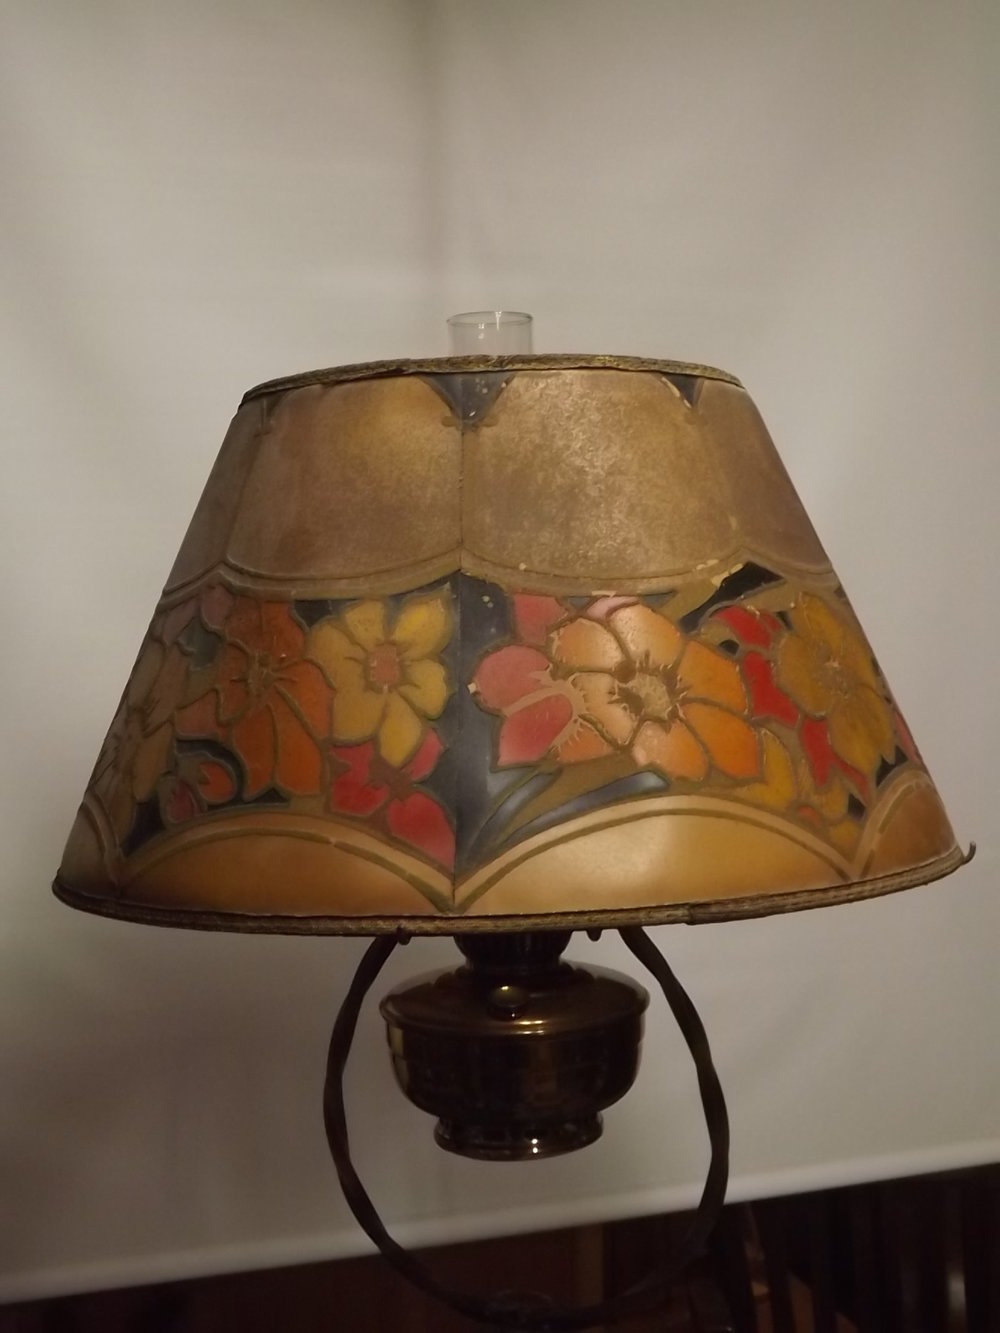 Antique floor lamps antique kerosene lighting birdcage 12 floor lamp aloadofball Image collections